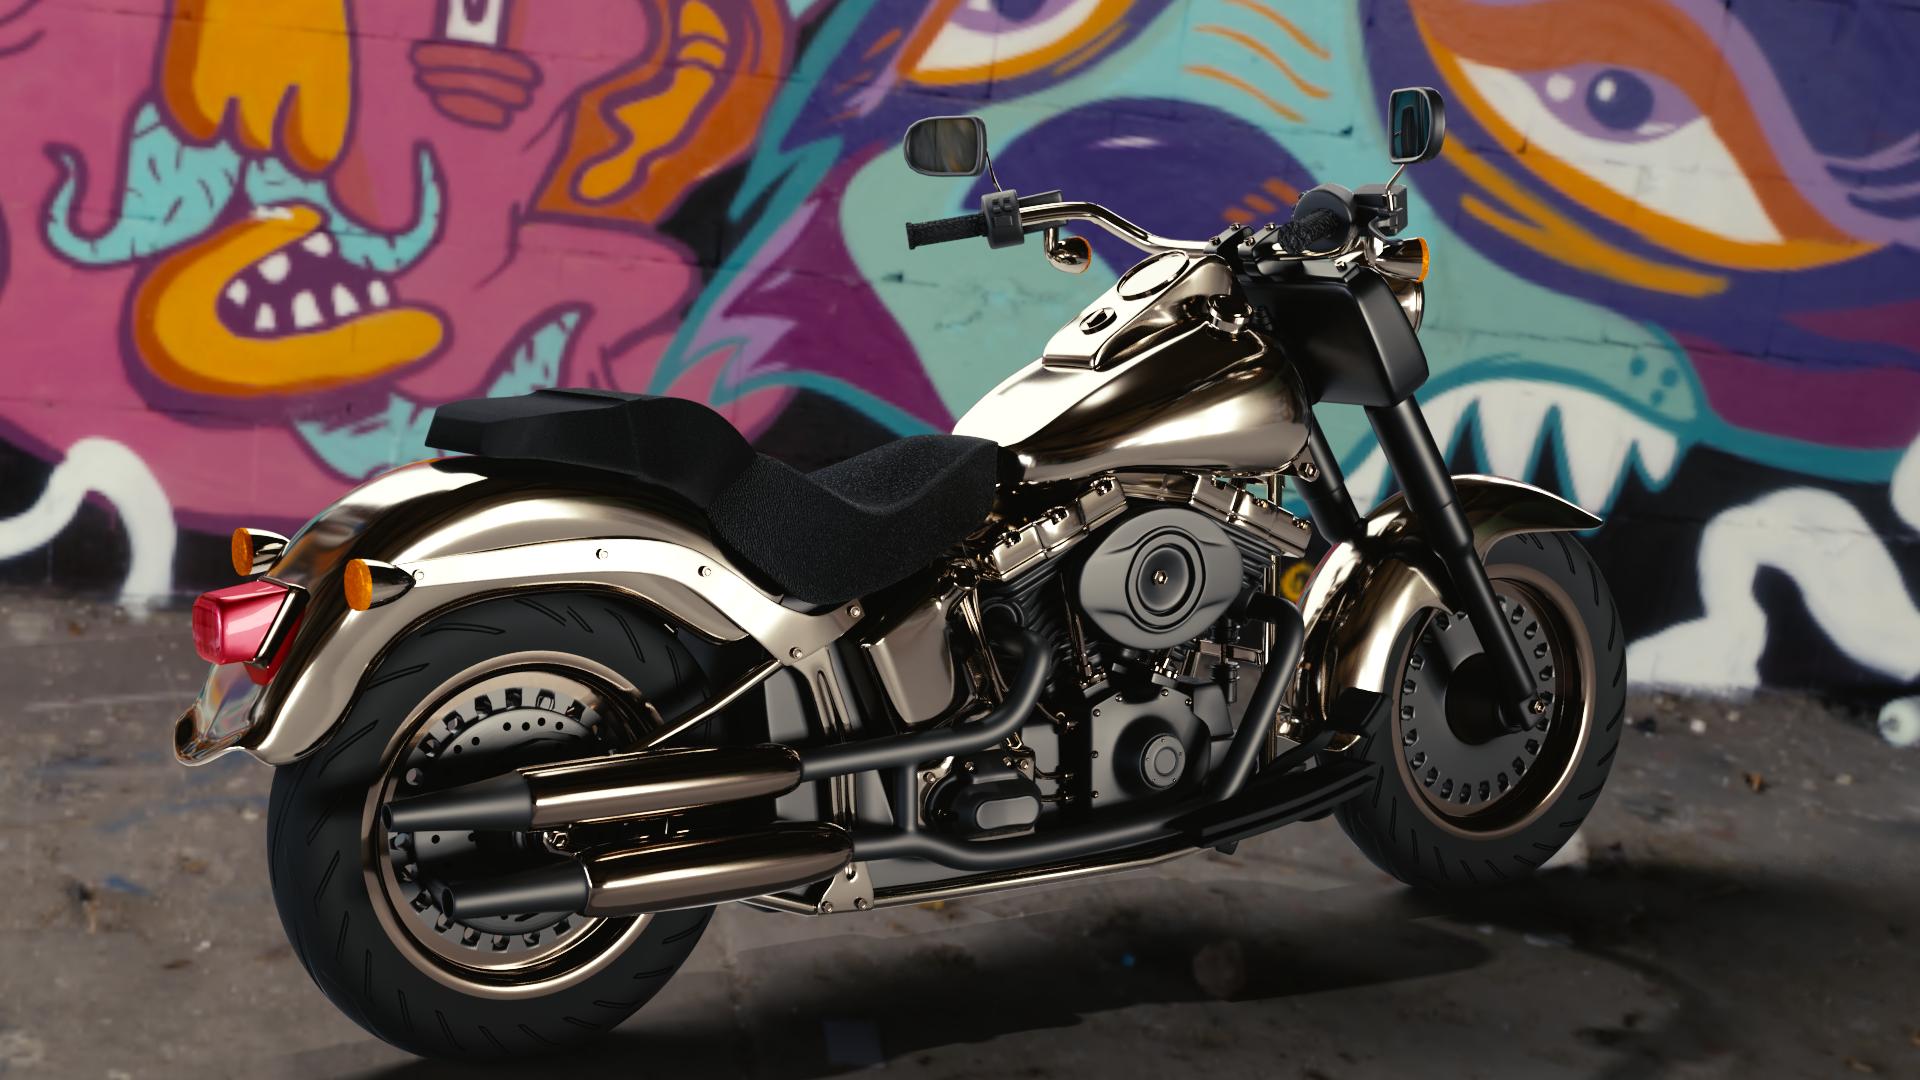 اولین موتورسیکلت ساخته شده من در بلندر در مورخ 20 آبان ماه 98